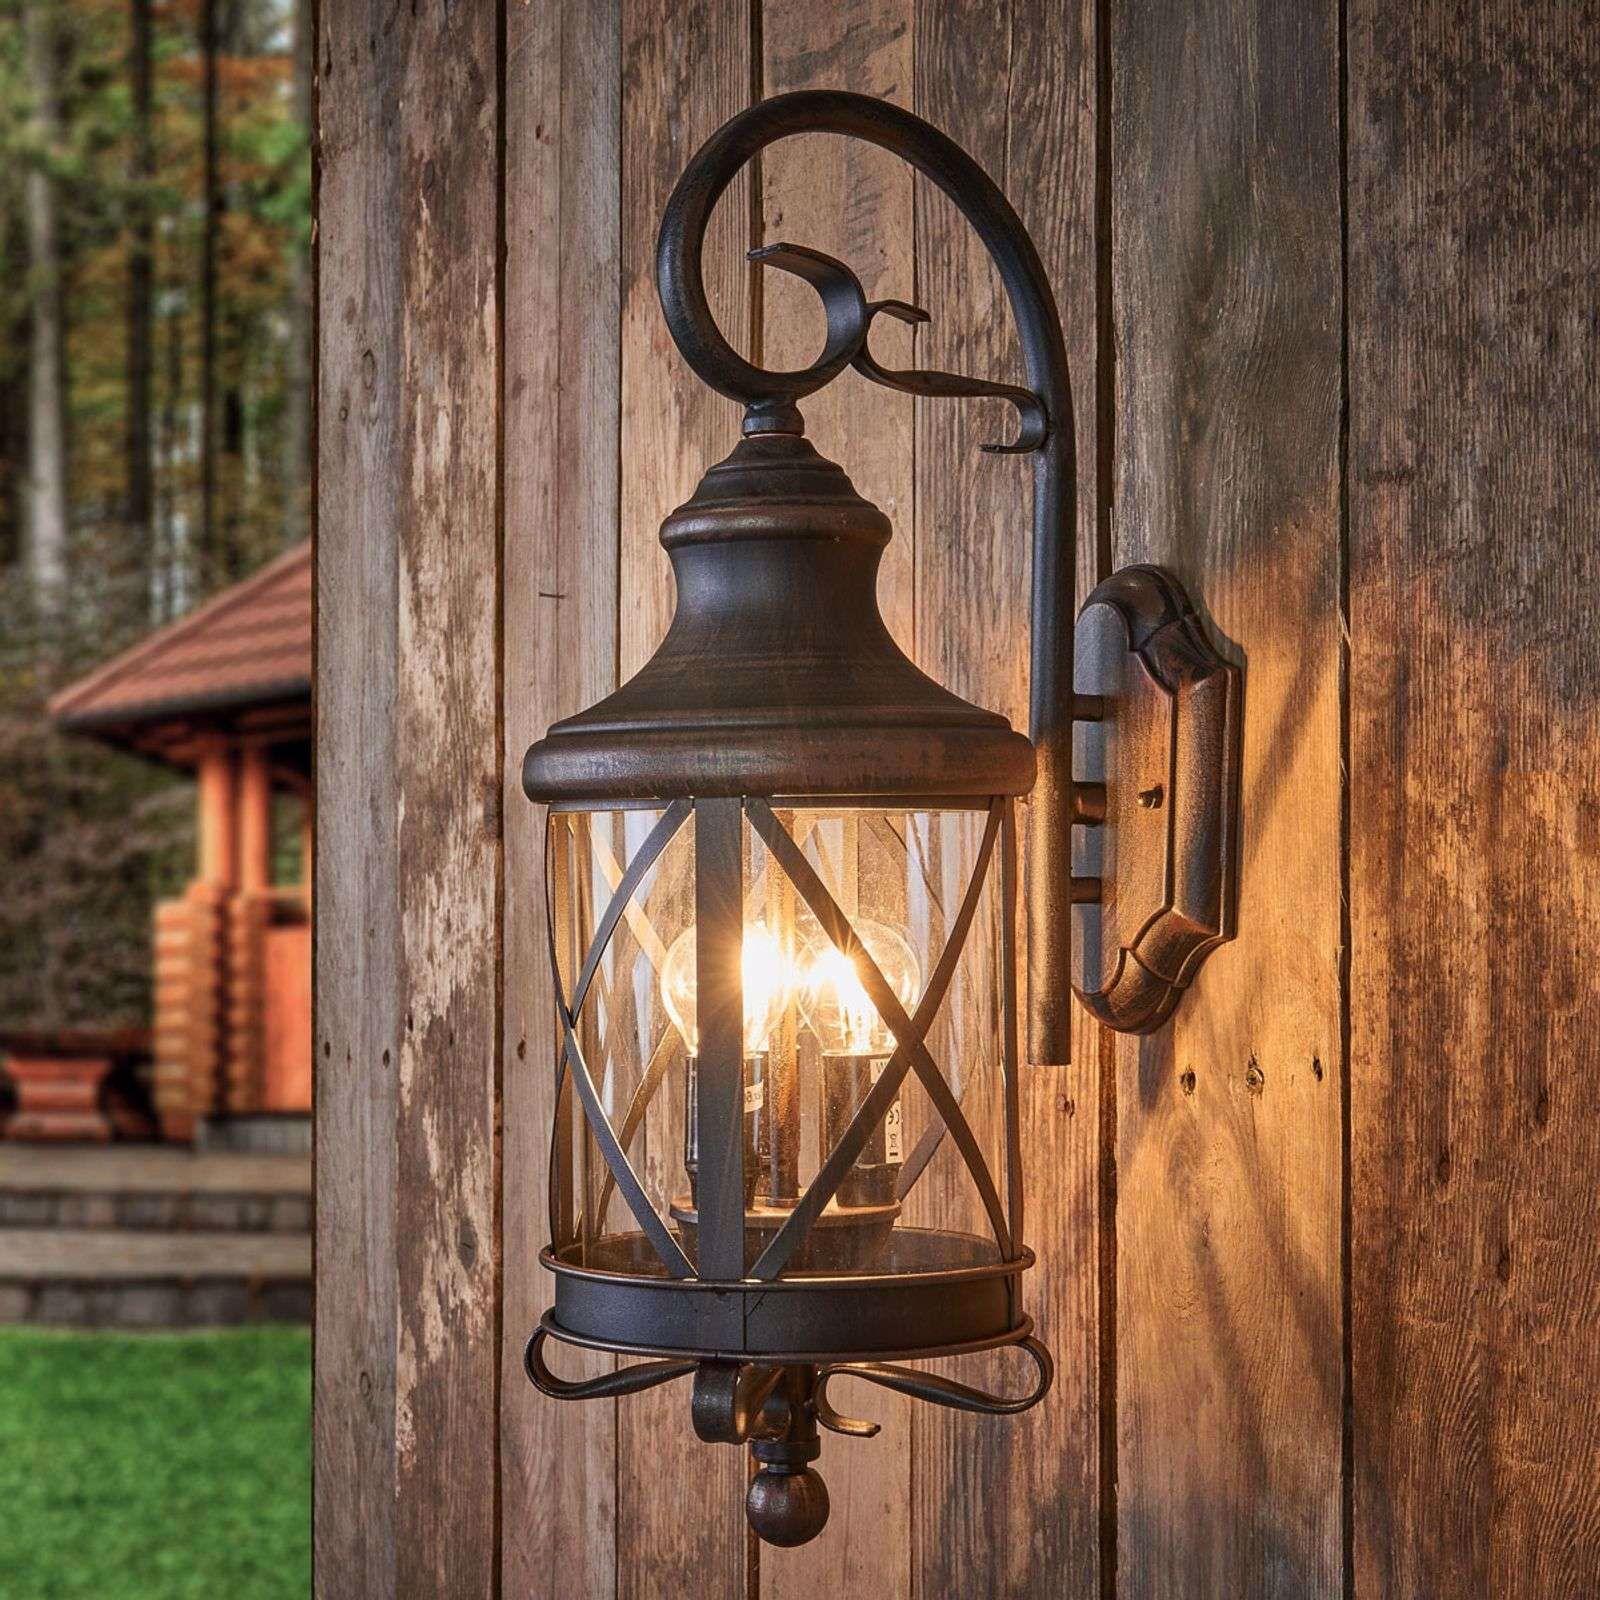 Buitenverlichting Landelijk In 2020 Wall Lights Rustic Houses Exterior Sconces